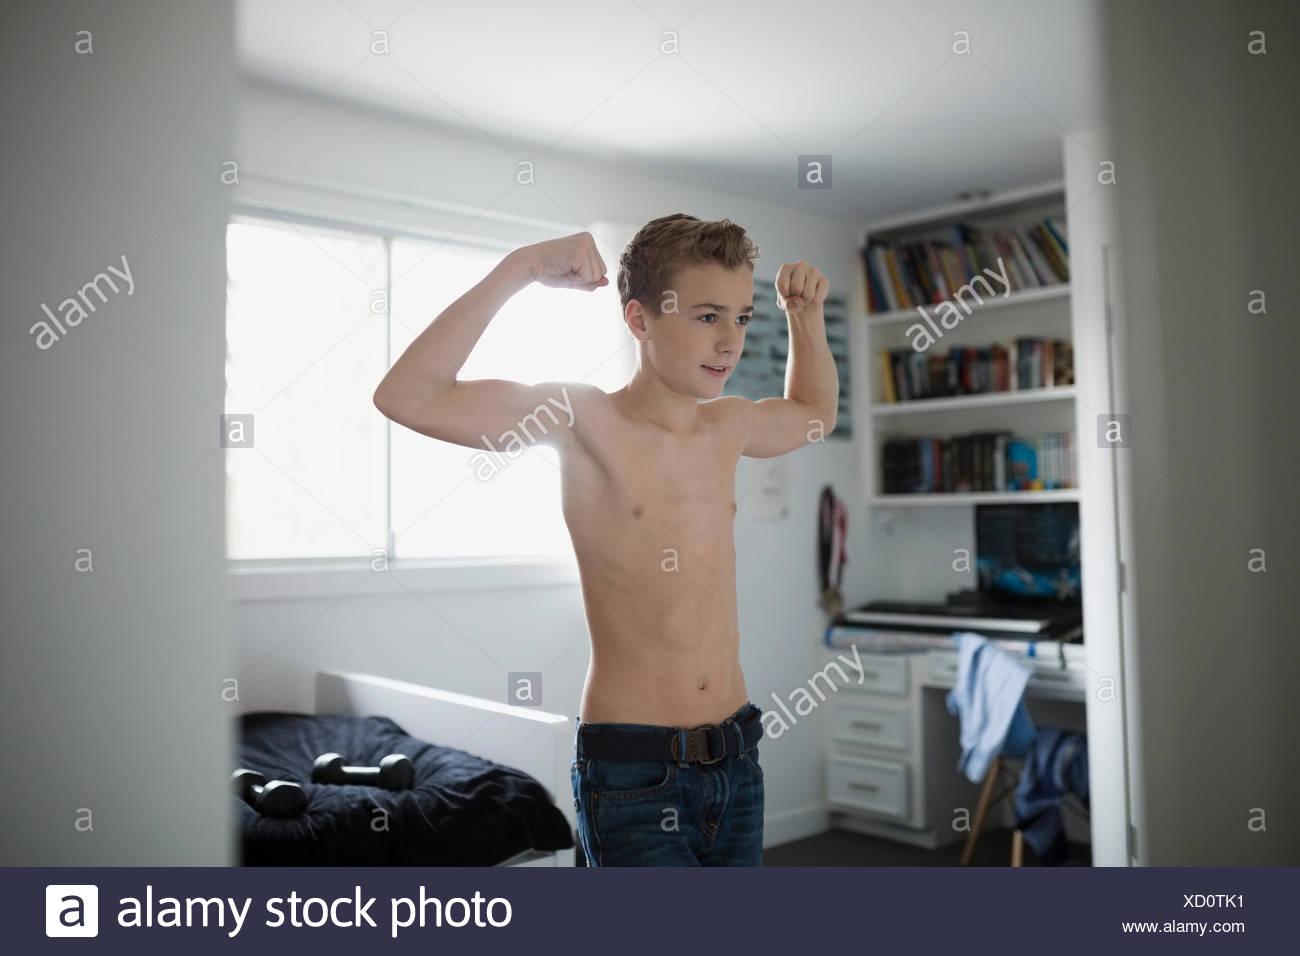 Junge Nacktheit